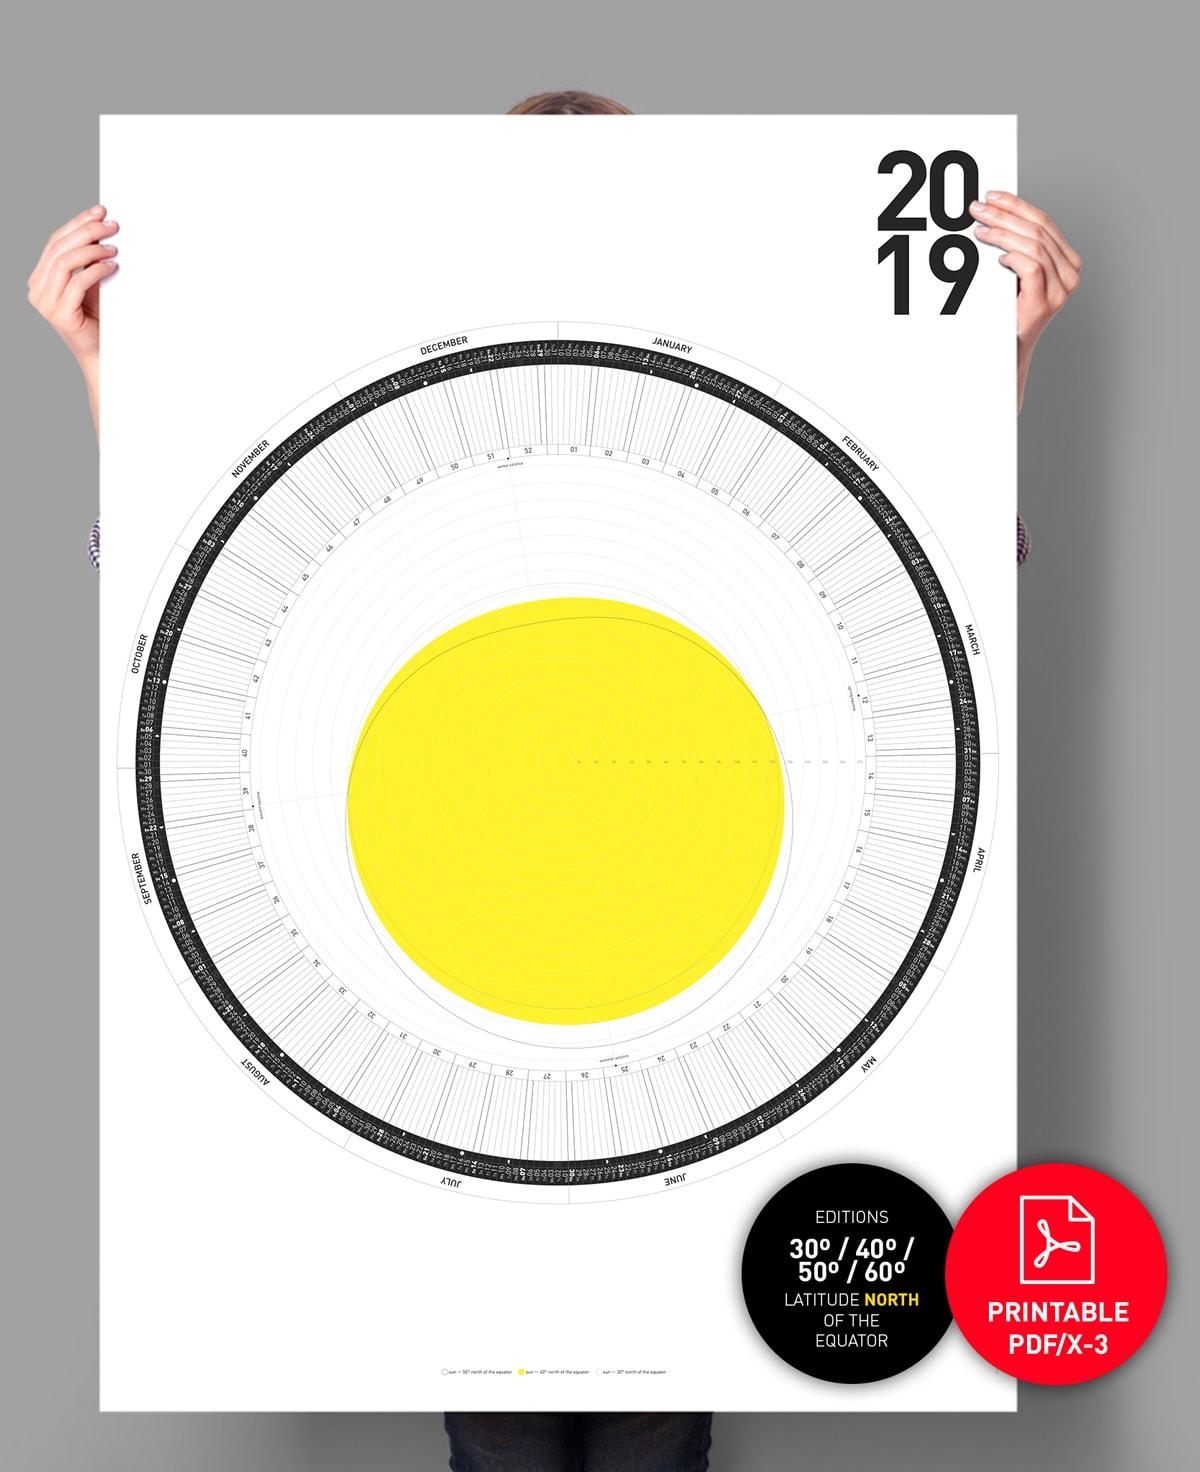 The Circular Calendar 2019 – 60º/50º/40º/30º – north ...